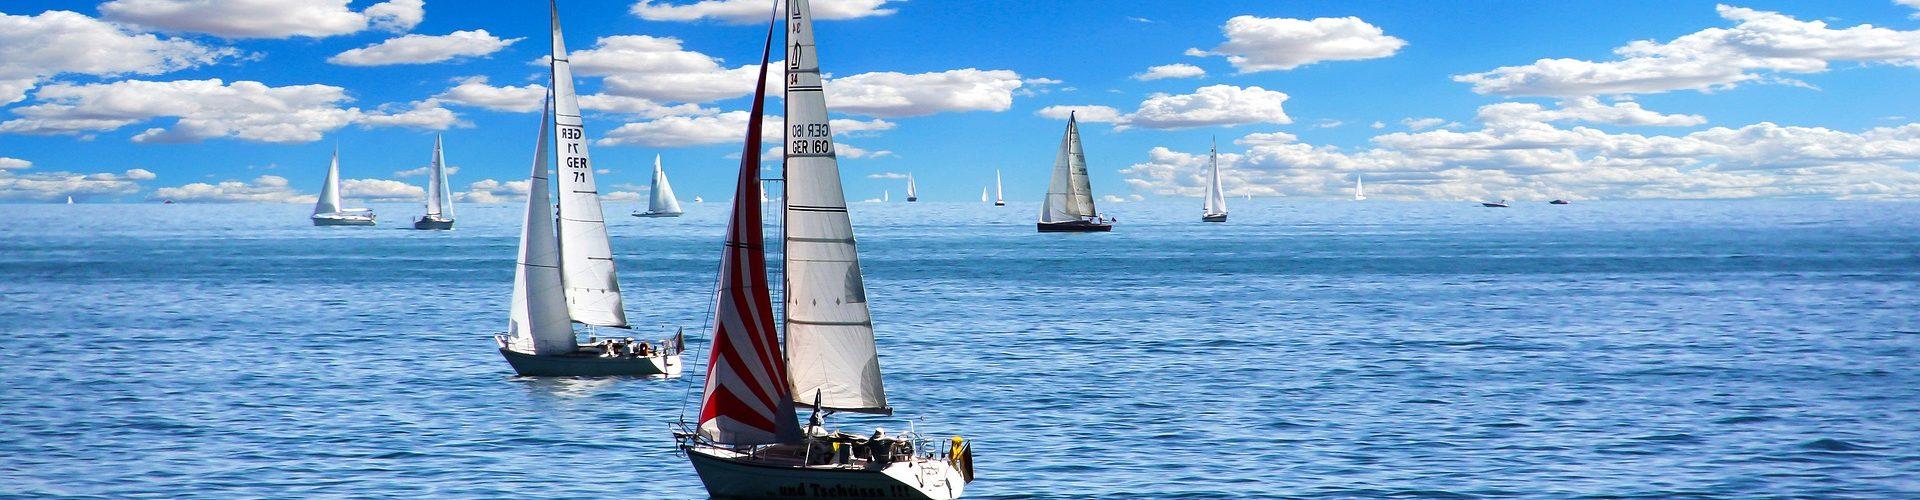 segeln lernen in Offingen segelschein machen in Offingen 1920x500 - Segeln lernen in Offingen